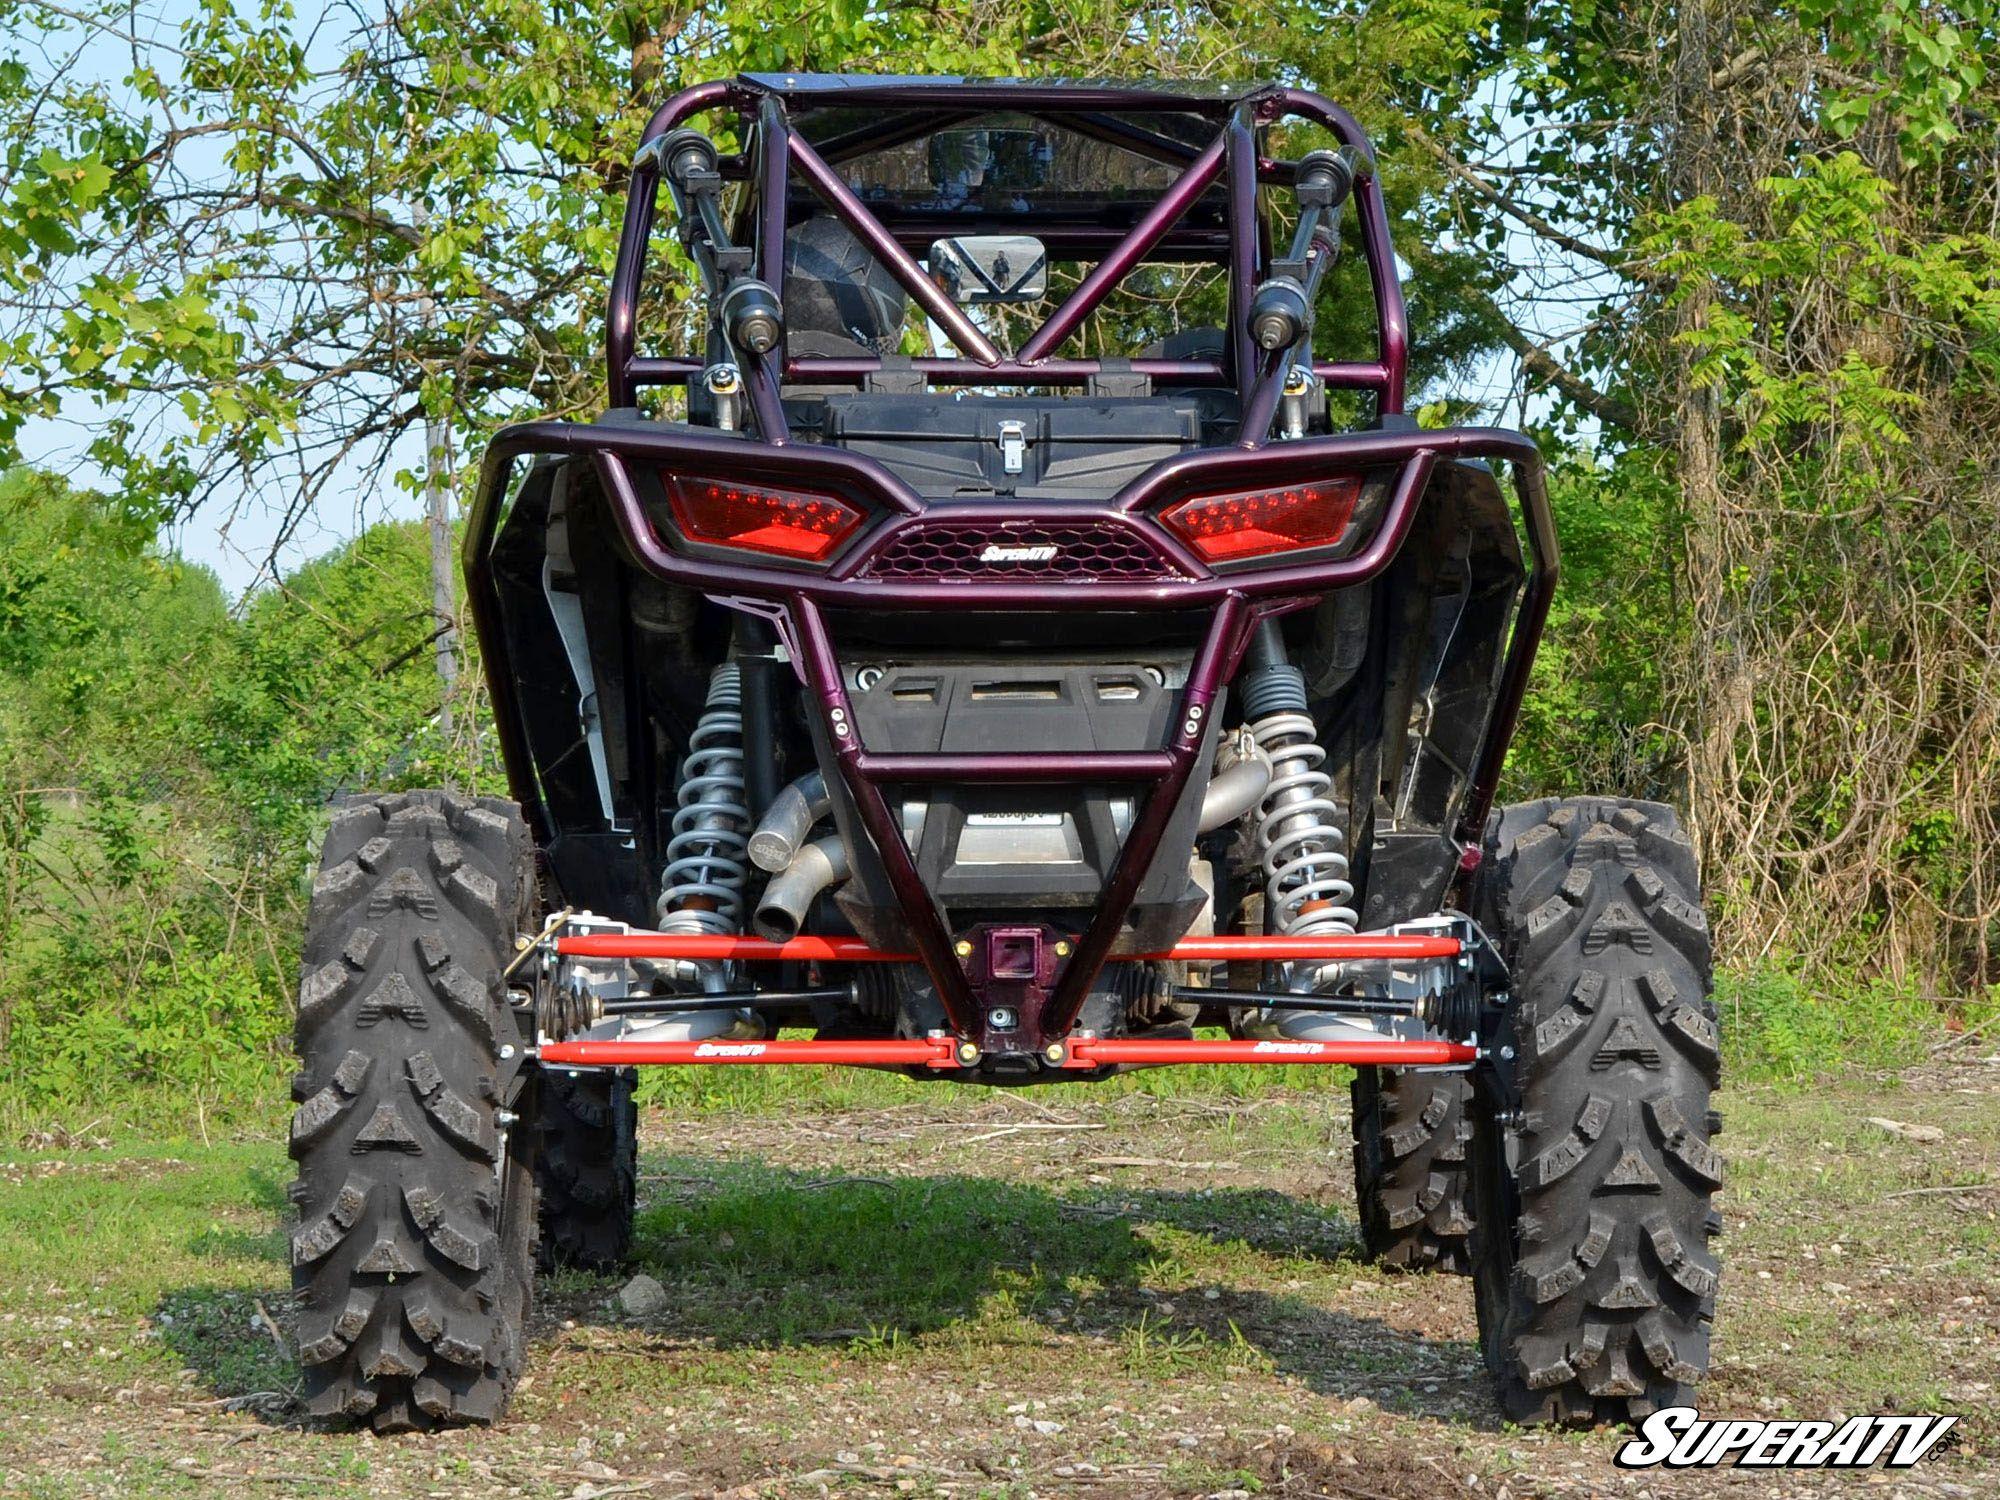 hight resolution of superatv polaris rzr 1000 6 portal gear lift